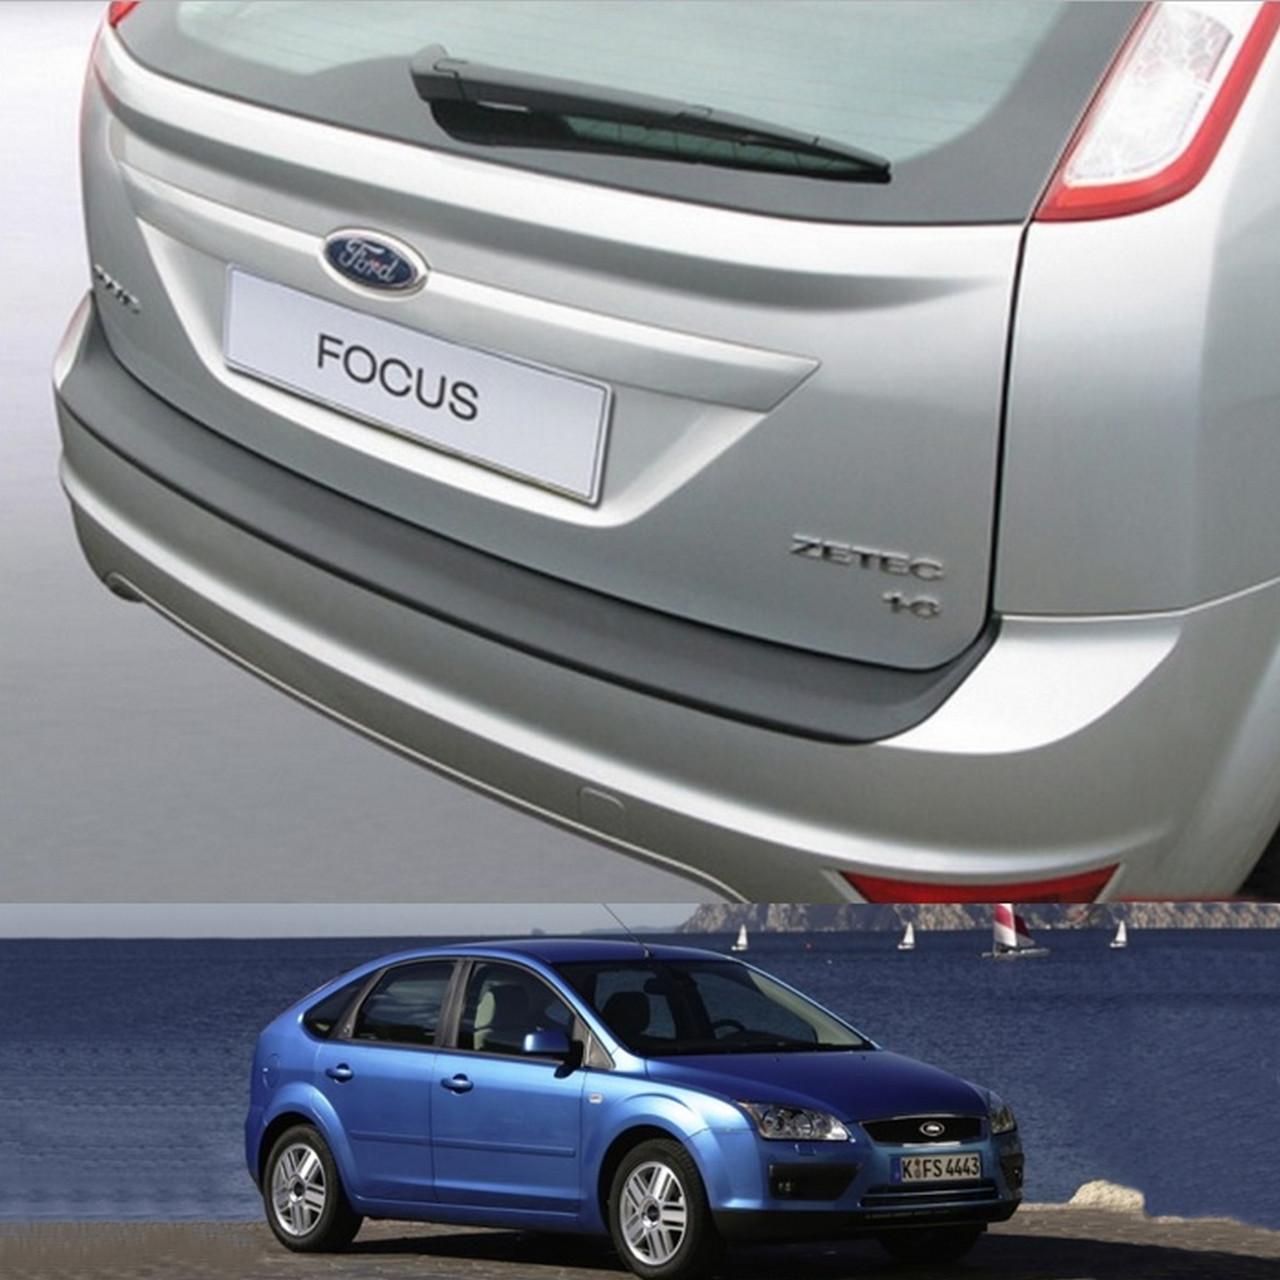 Ford Focus 3/5dr 2007-2011 пластиковая накладка заднего бампера